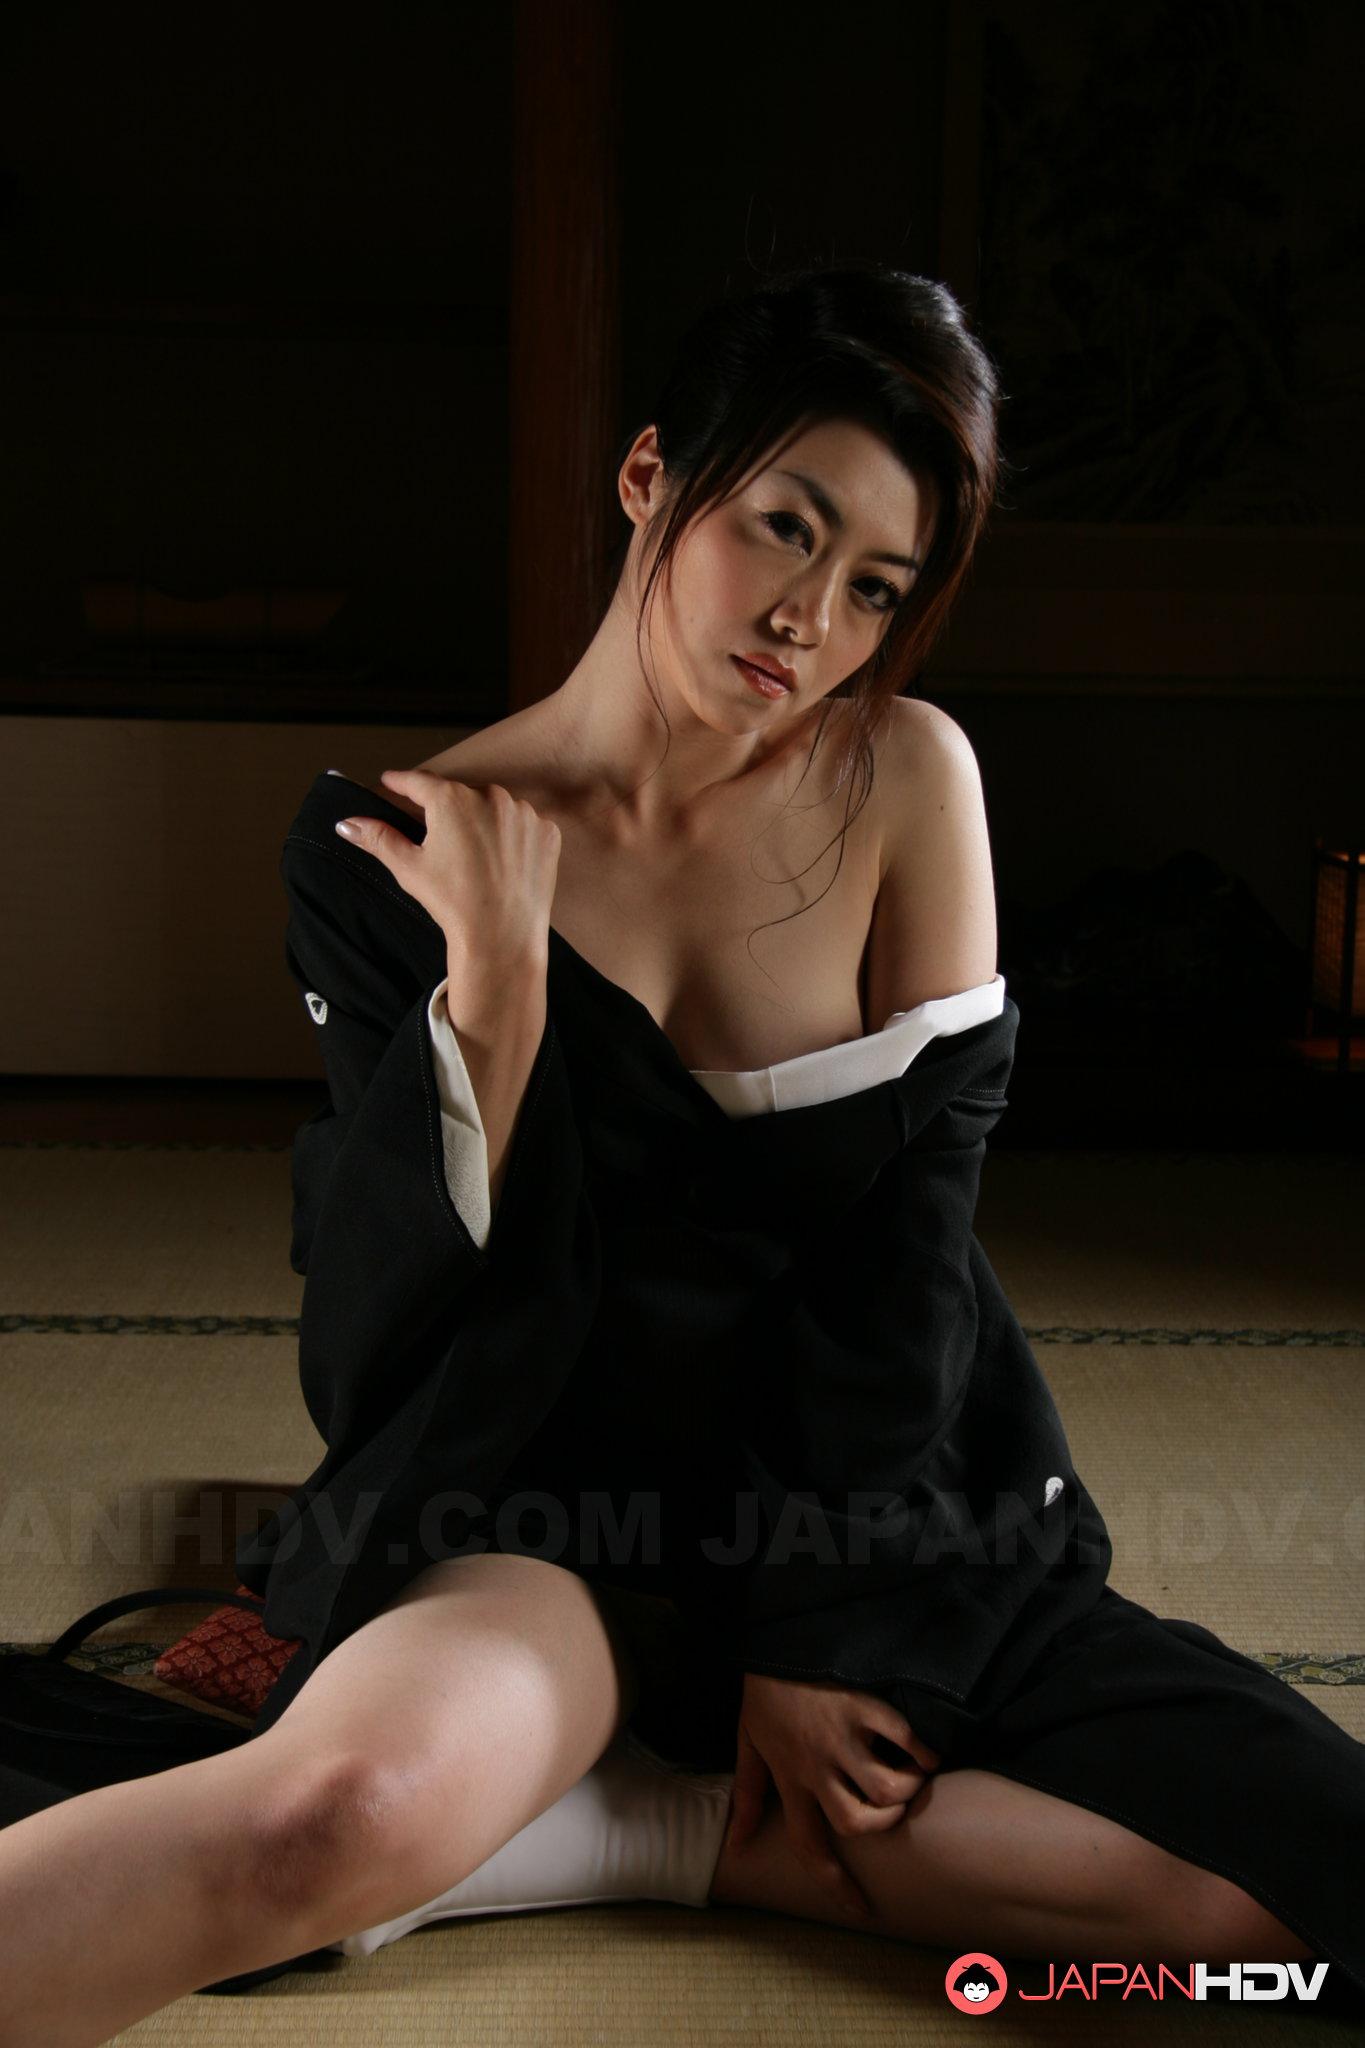 Milf Small Tits Casting